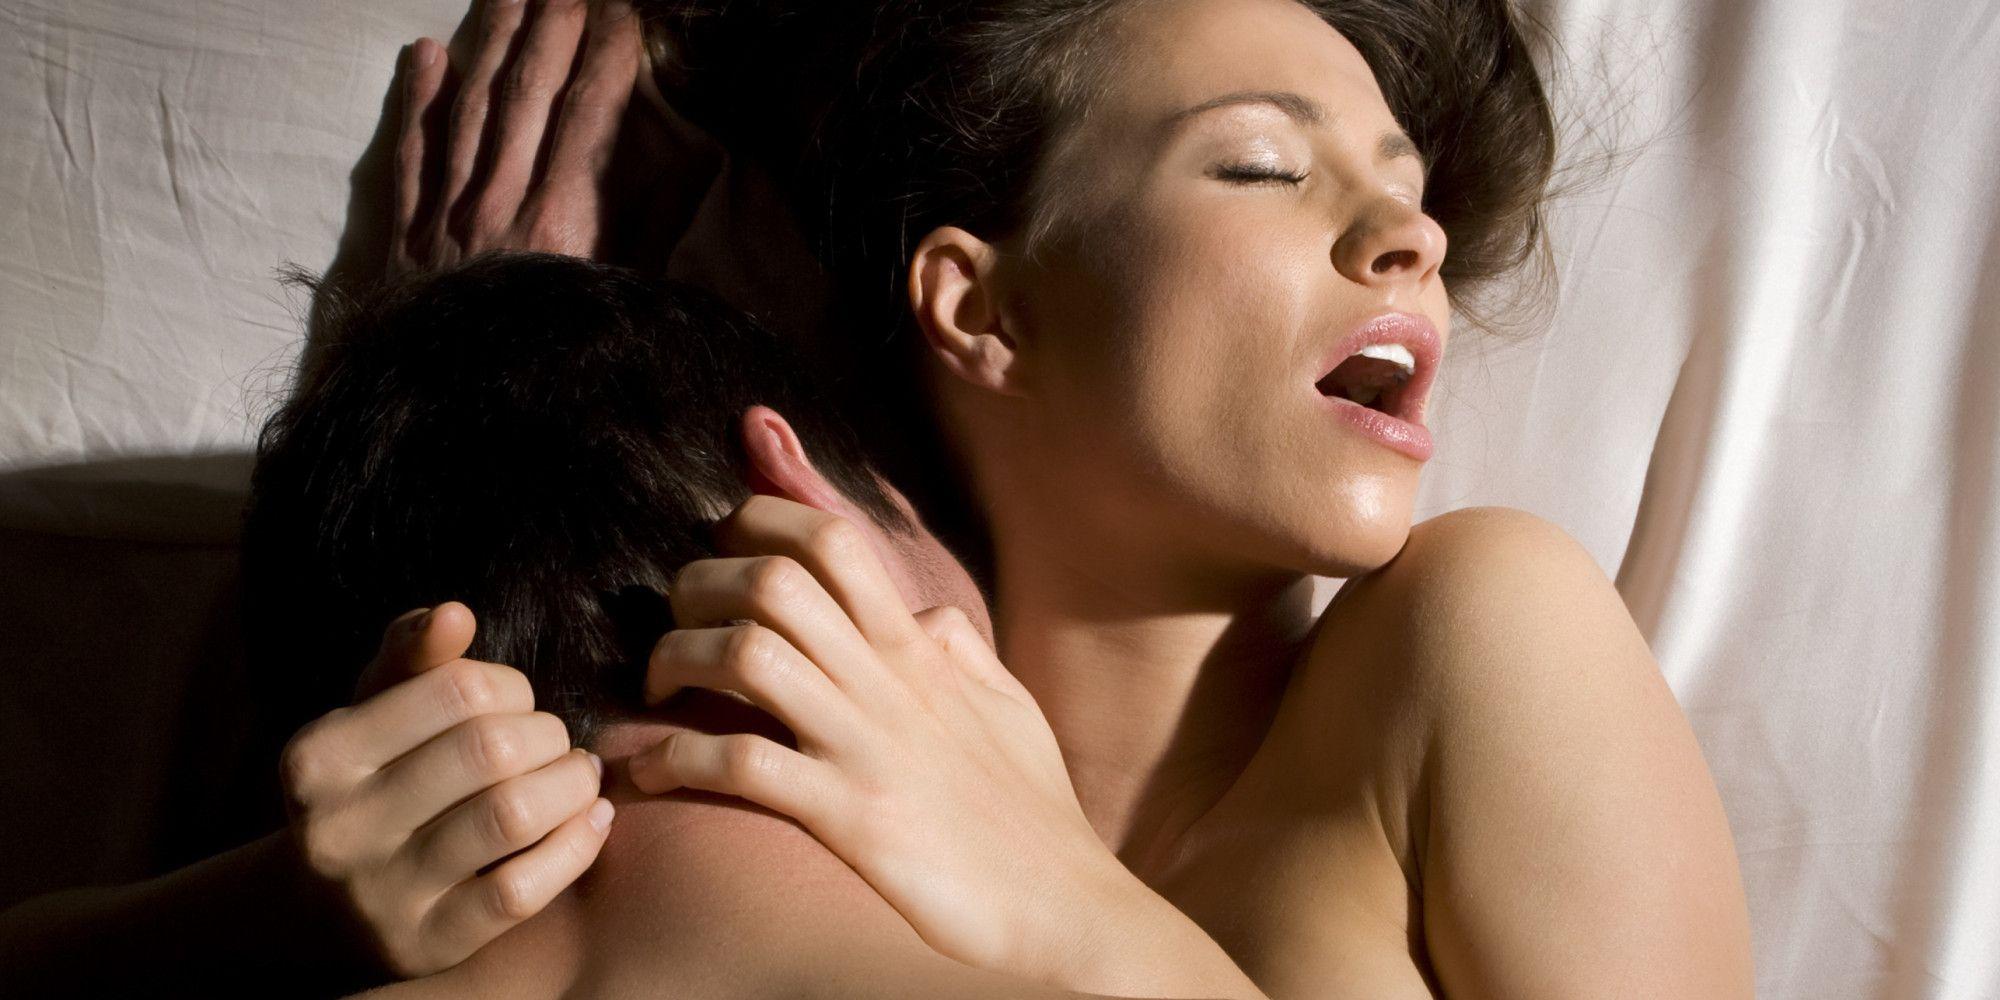 приворожить девушку во время секса